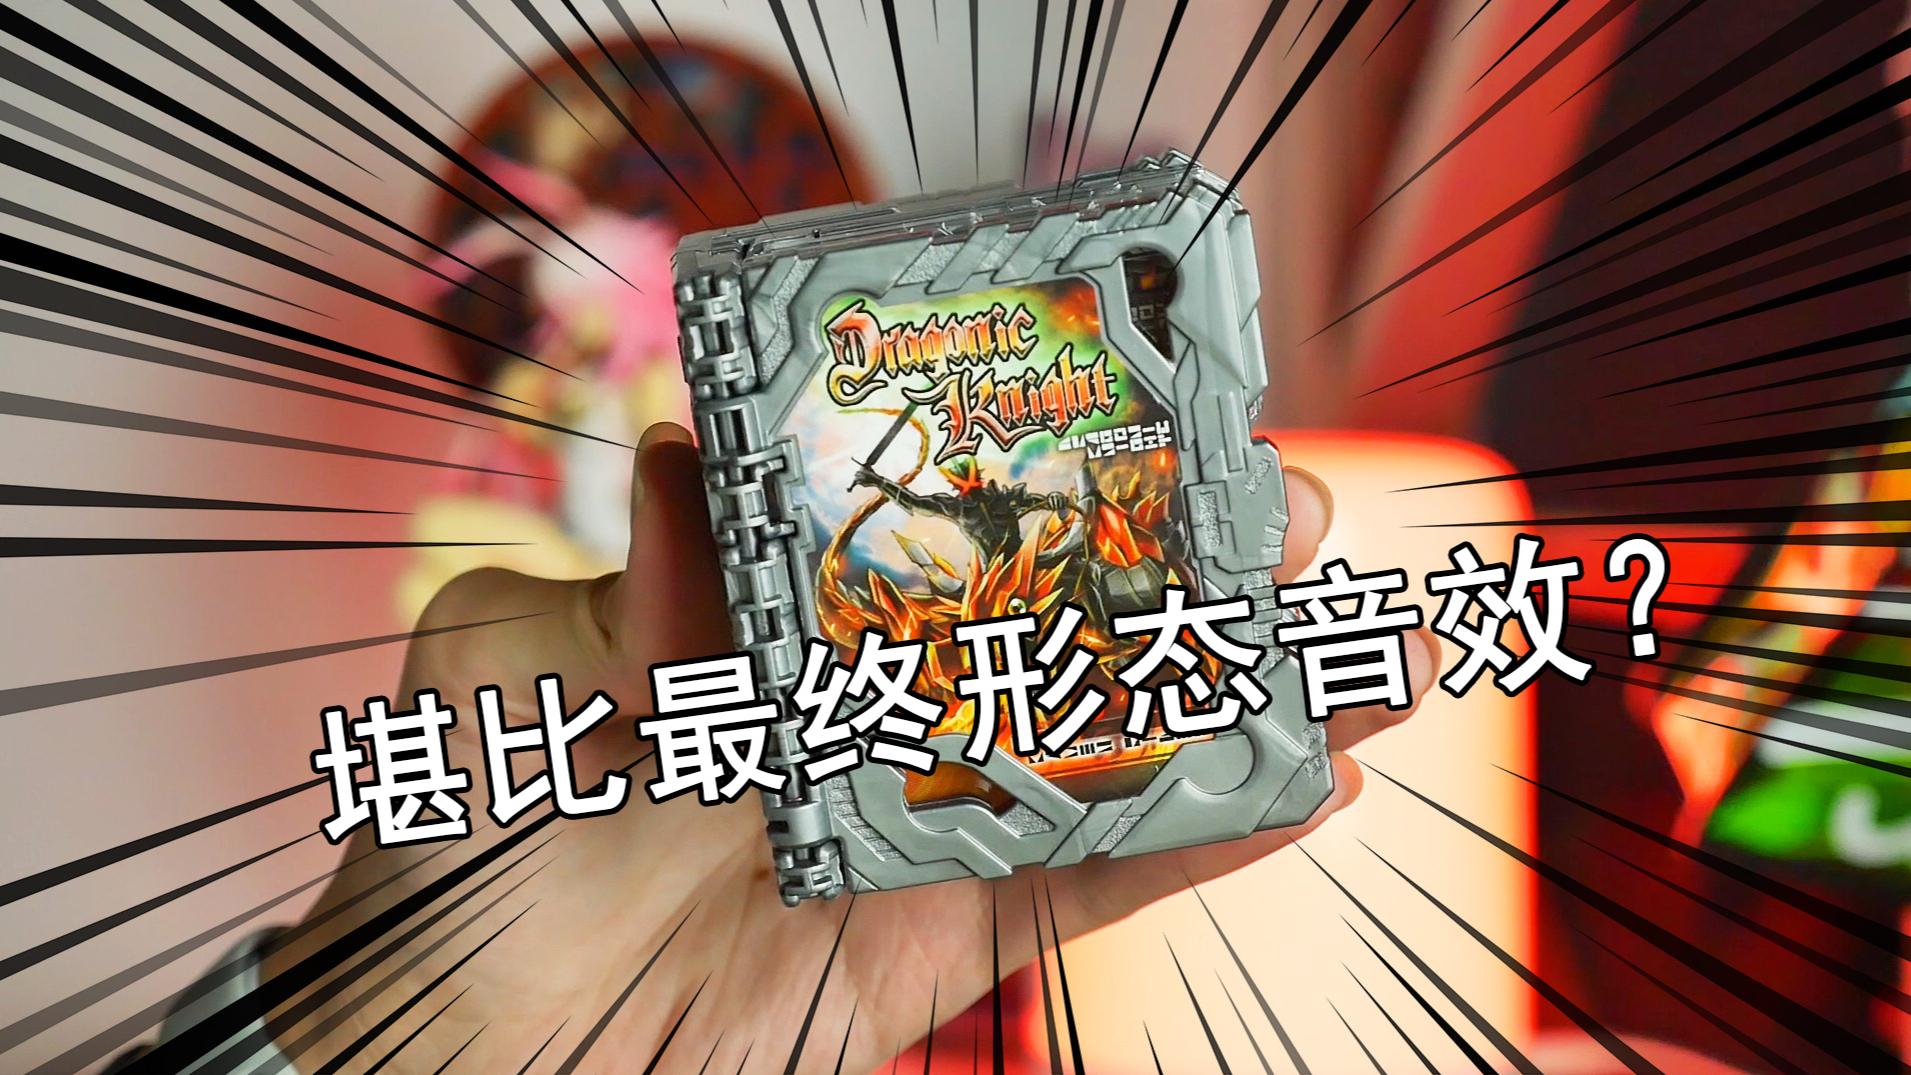 【零度模玩】超豪华音效!假面骑士圣刃DX龙纹骑士神骑书评测!